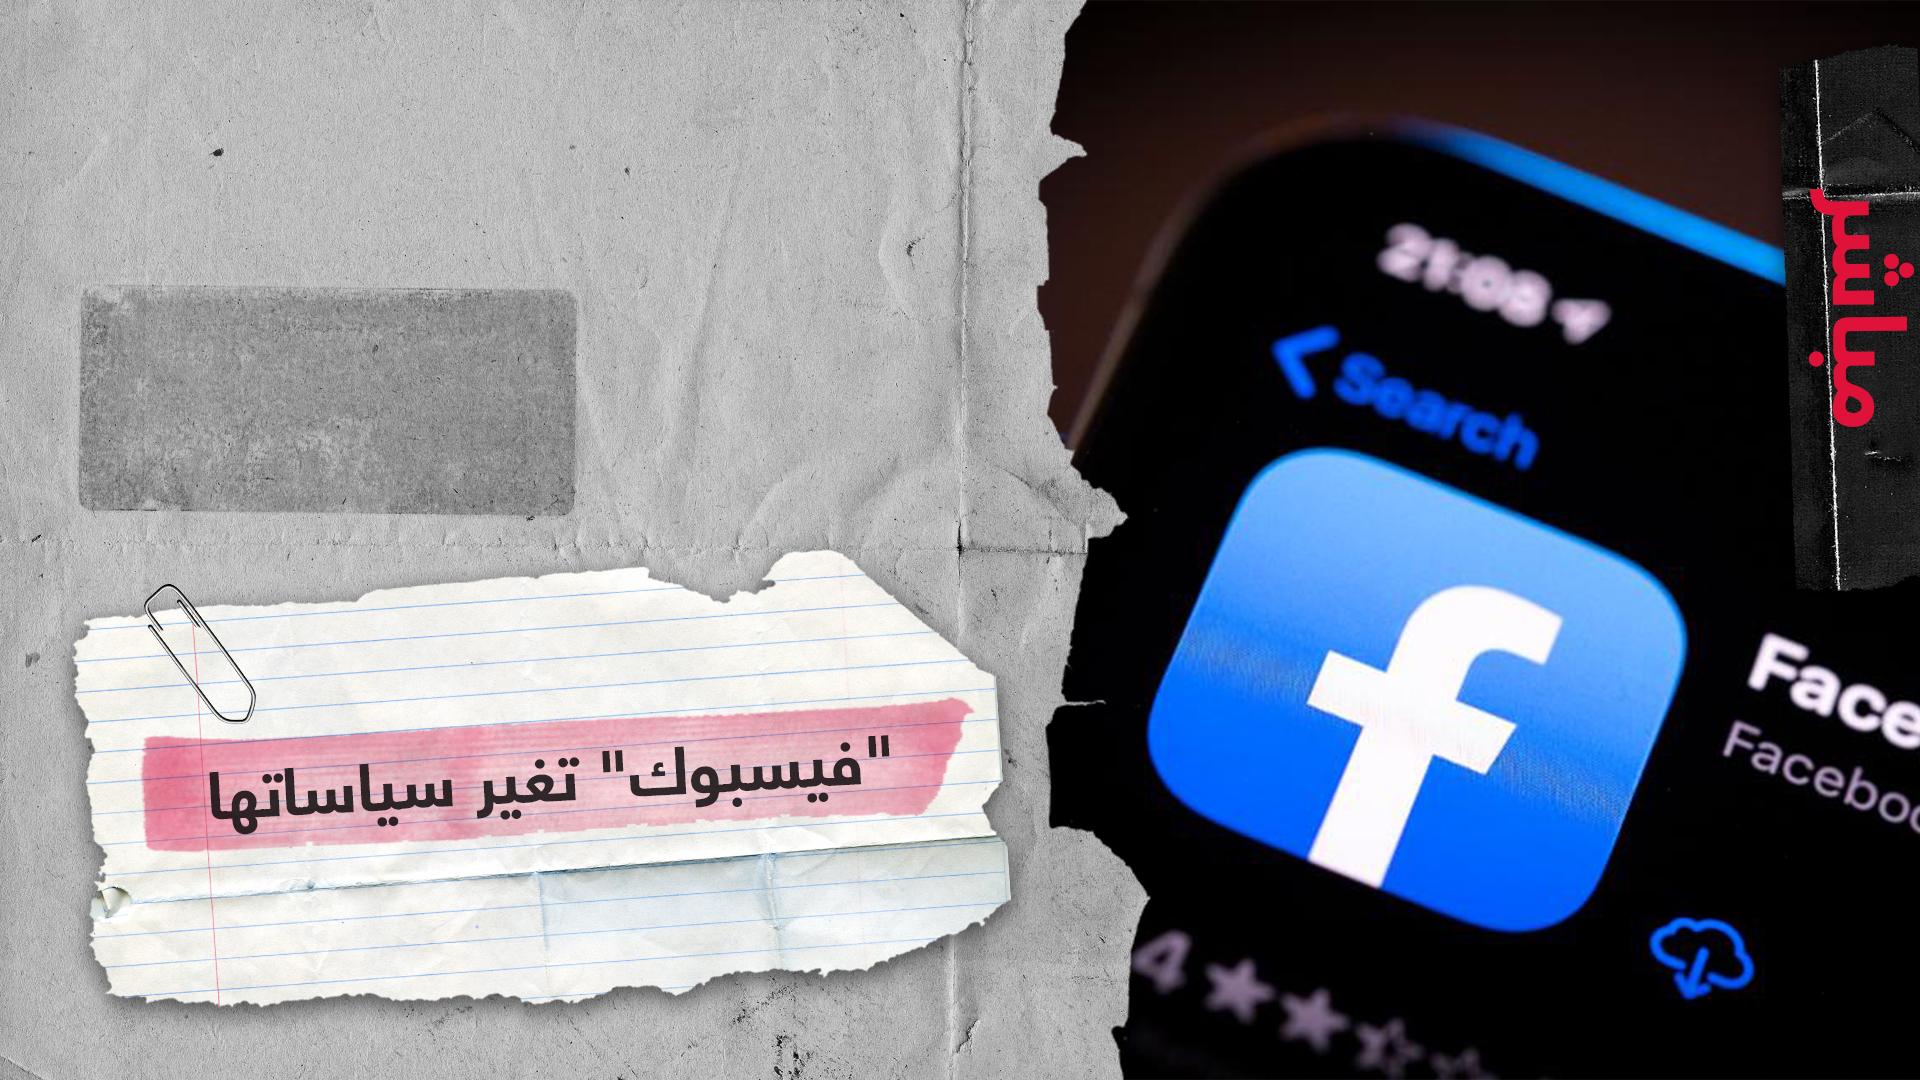 آخرها كوكاكولا.. شركات عالمية تقاطع الإعلان عبر فيسبوك بسبب